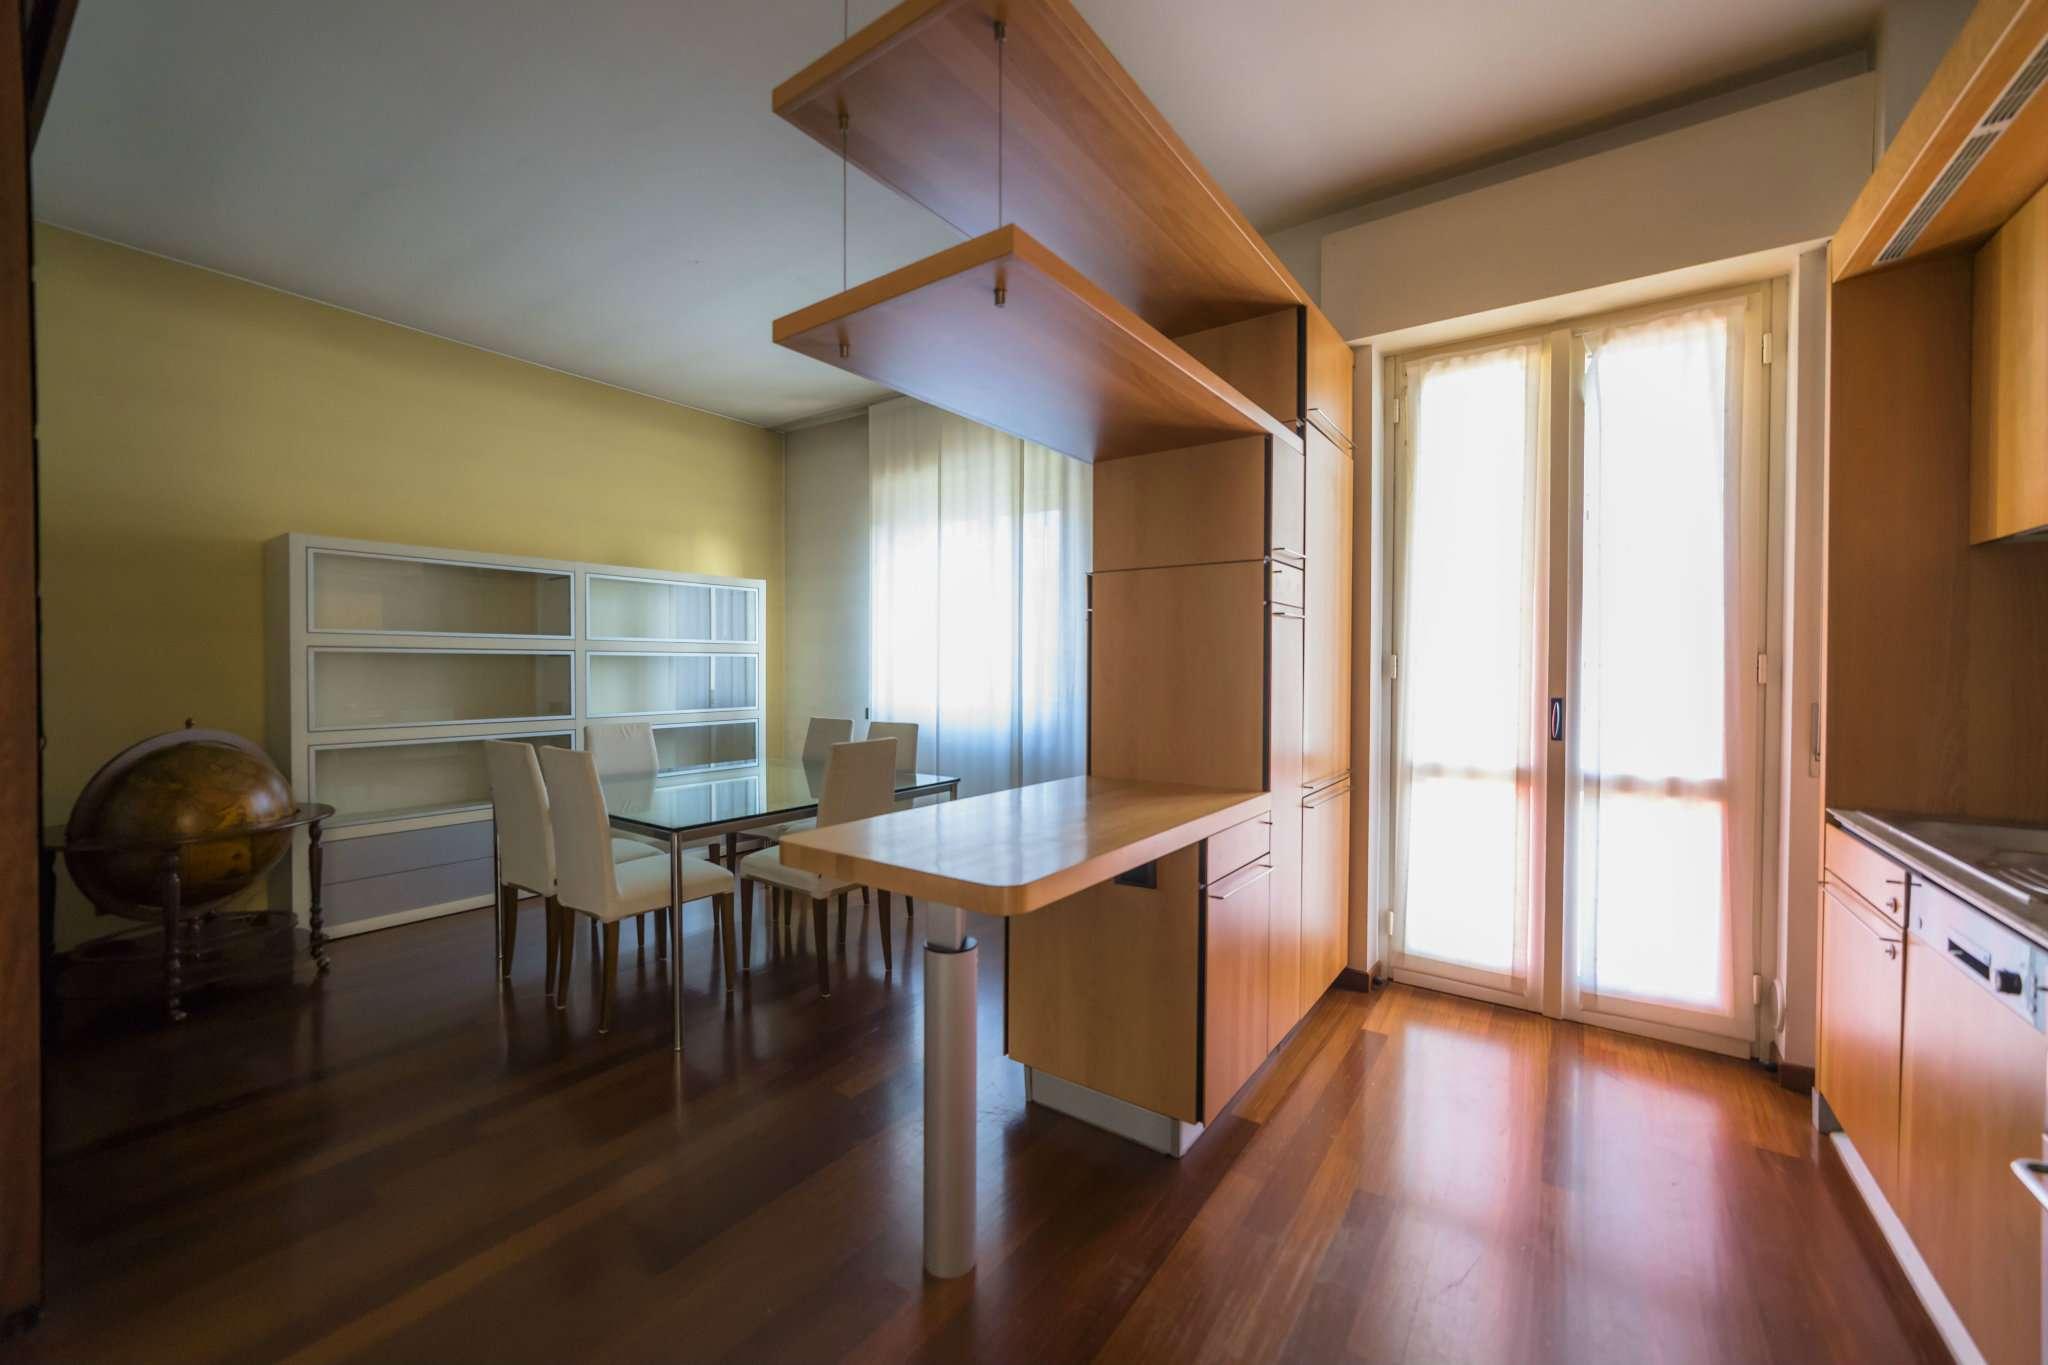 Appartamento in vendita a Bergamo, 4 locali, prezzo € 375.000 | Cambio Casa.it